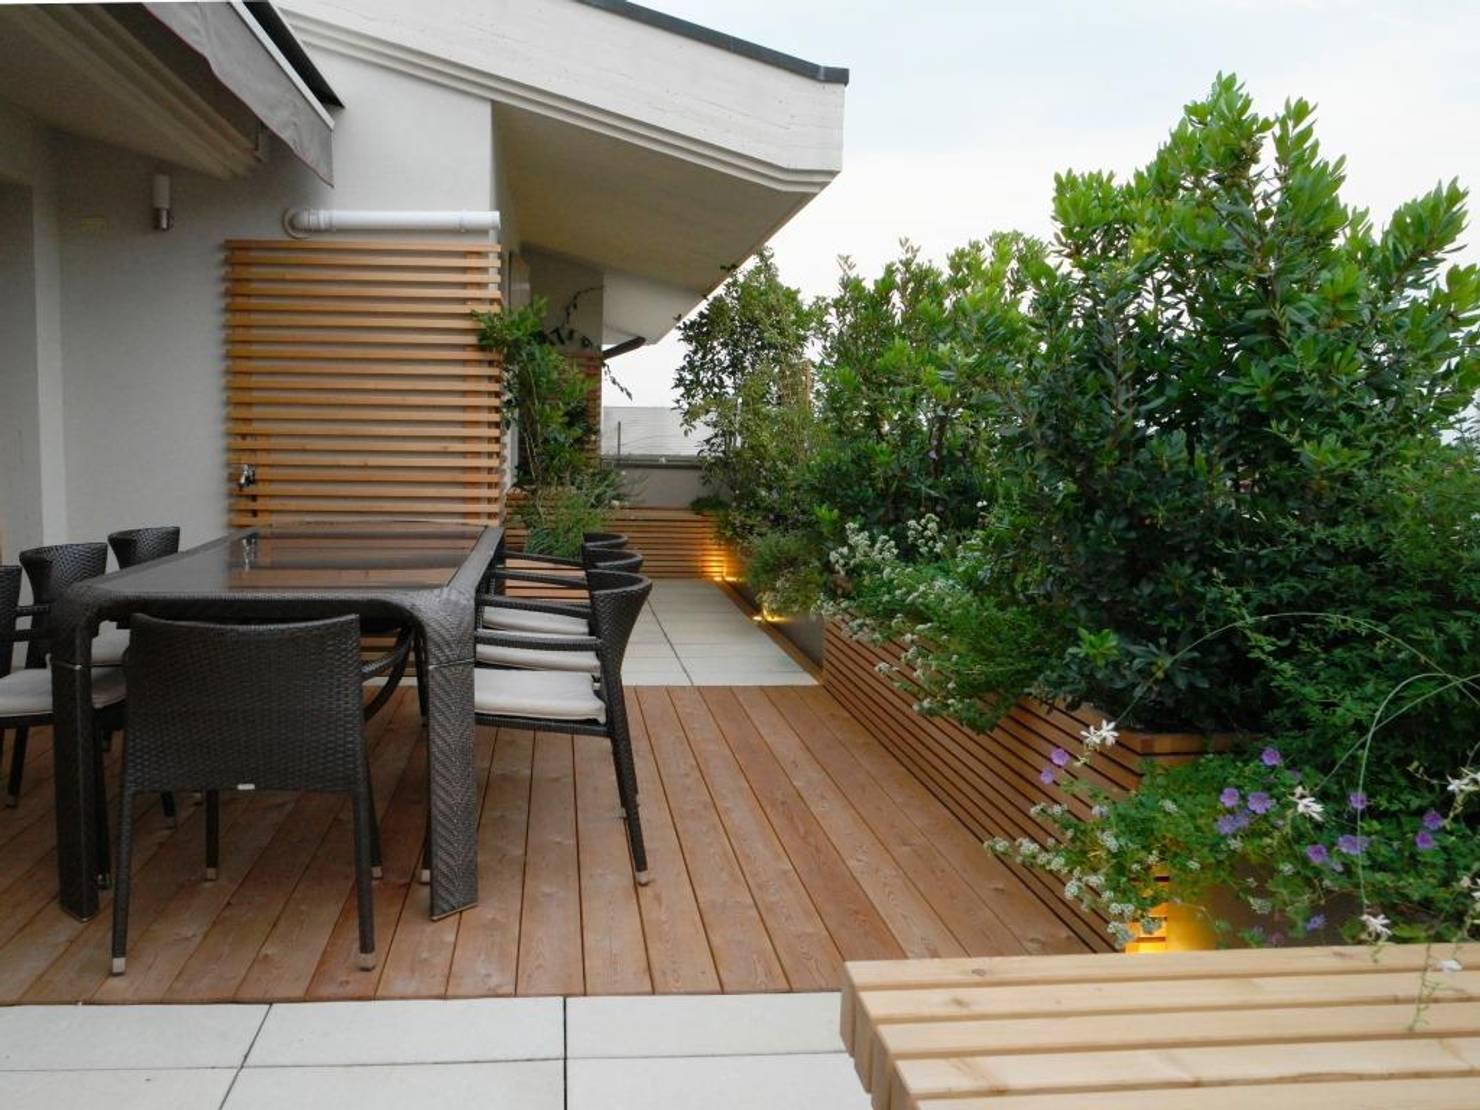 15 ideas de jardineras ideales para espacios pequeños